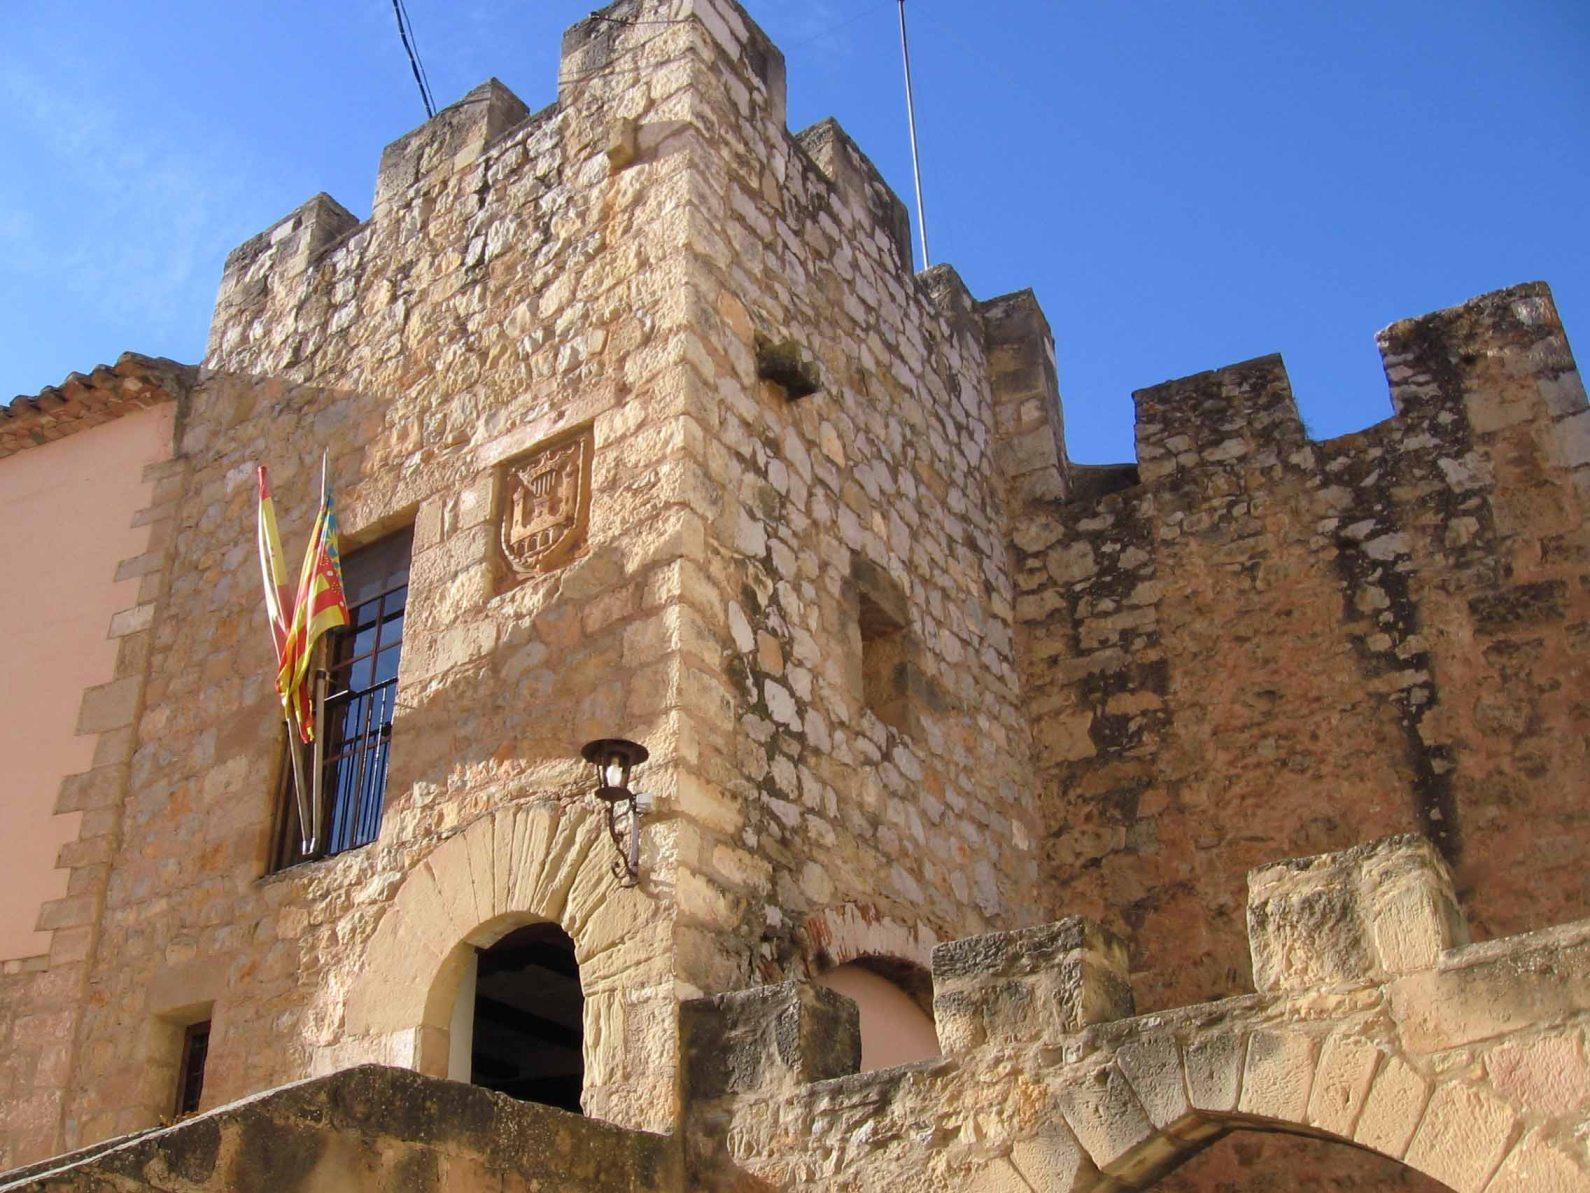 Imagen 02 guiaturisticafvmp torre de la aljama